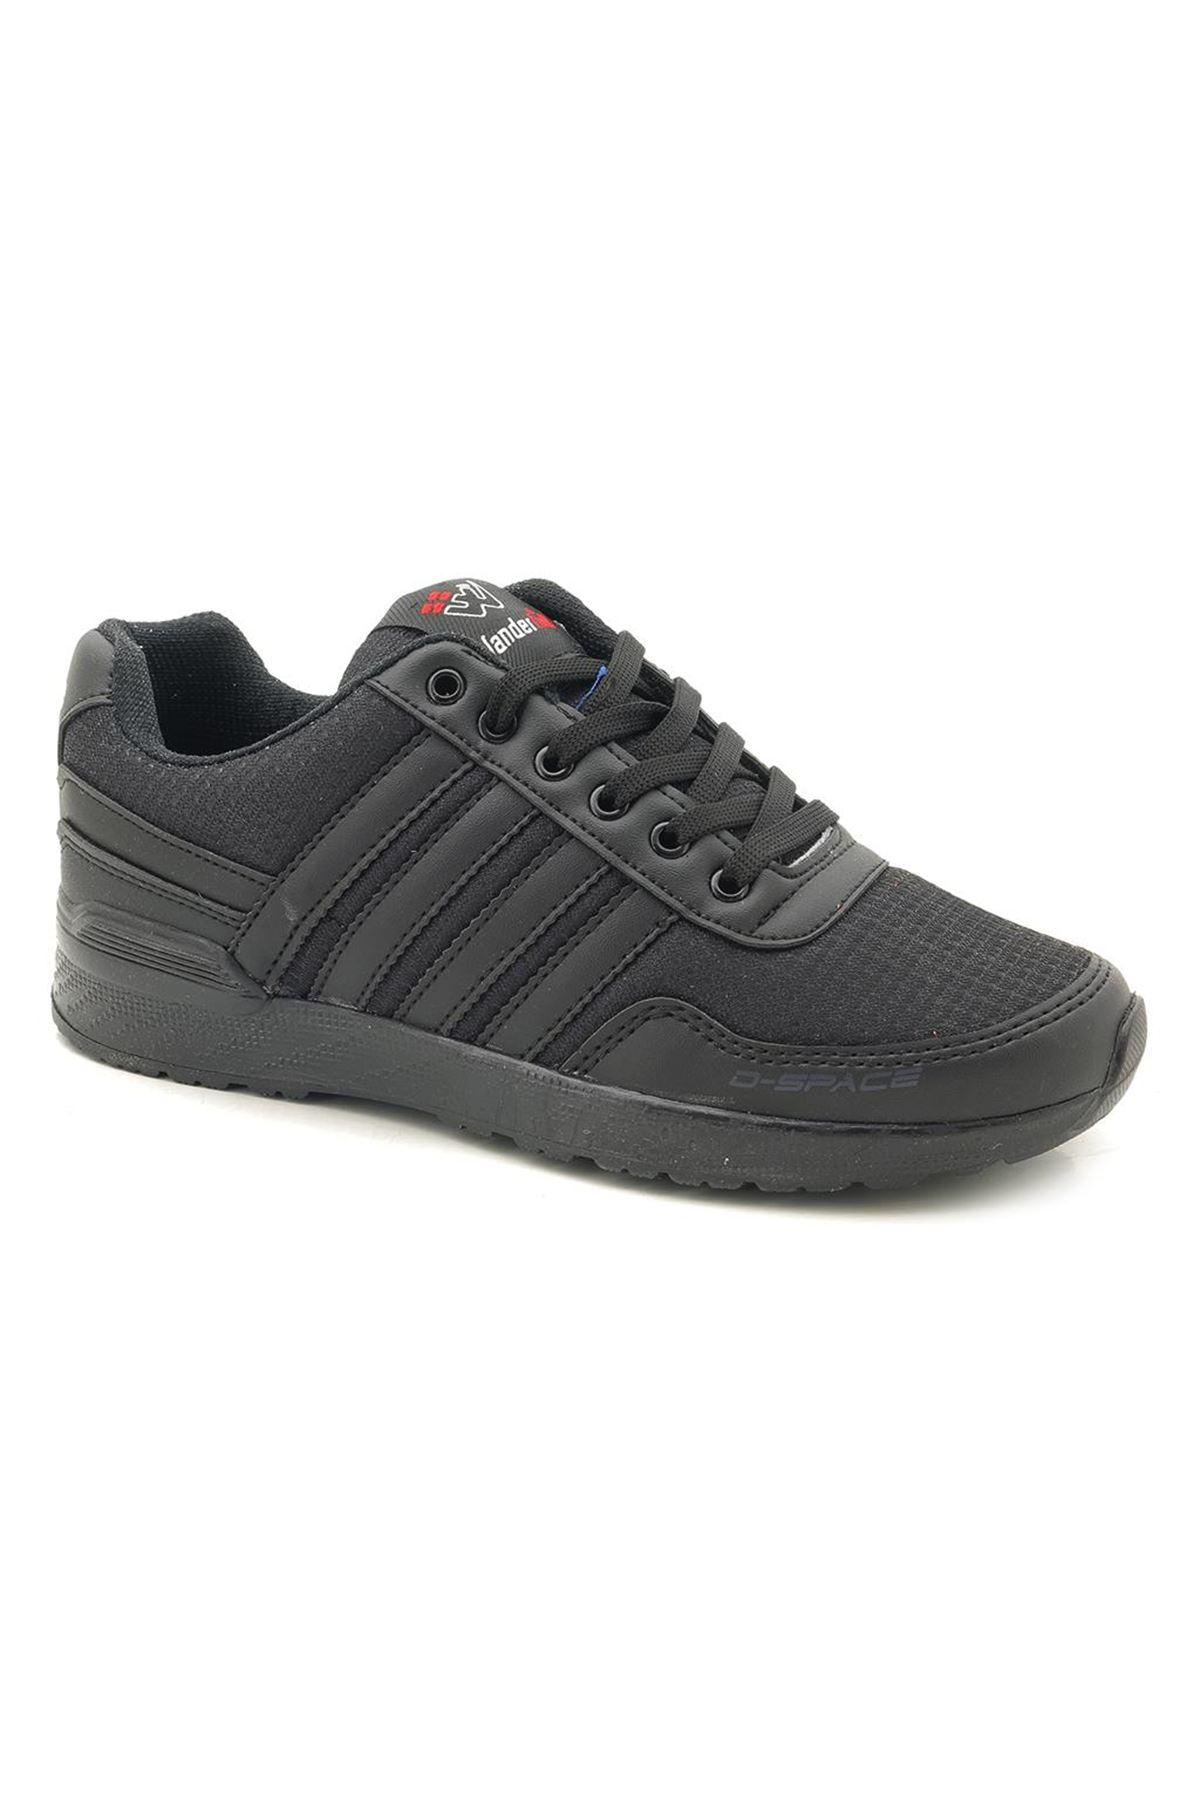 Wanderfull 02 Erkek Günlük Spor Ayakkabı